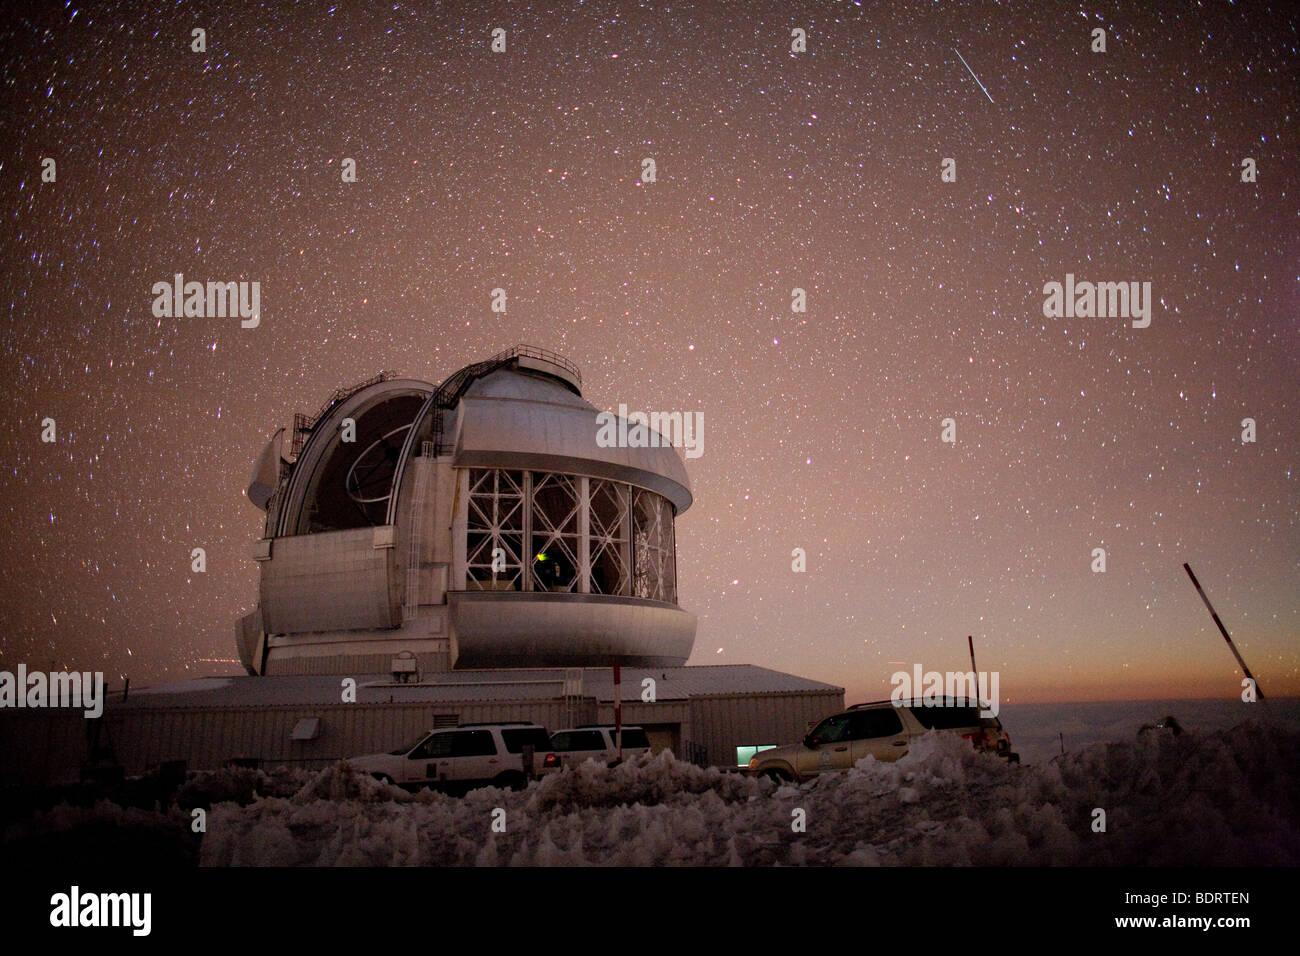 La nuit sur le Mauna Kea, montrant le télescope Gemini avec la lumière du lever de lune visible dans l'Est Photo Stock